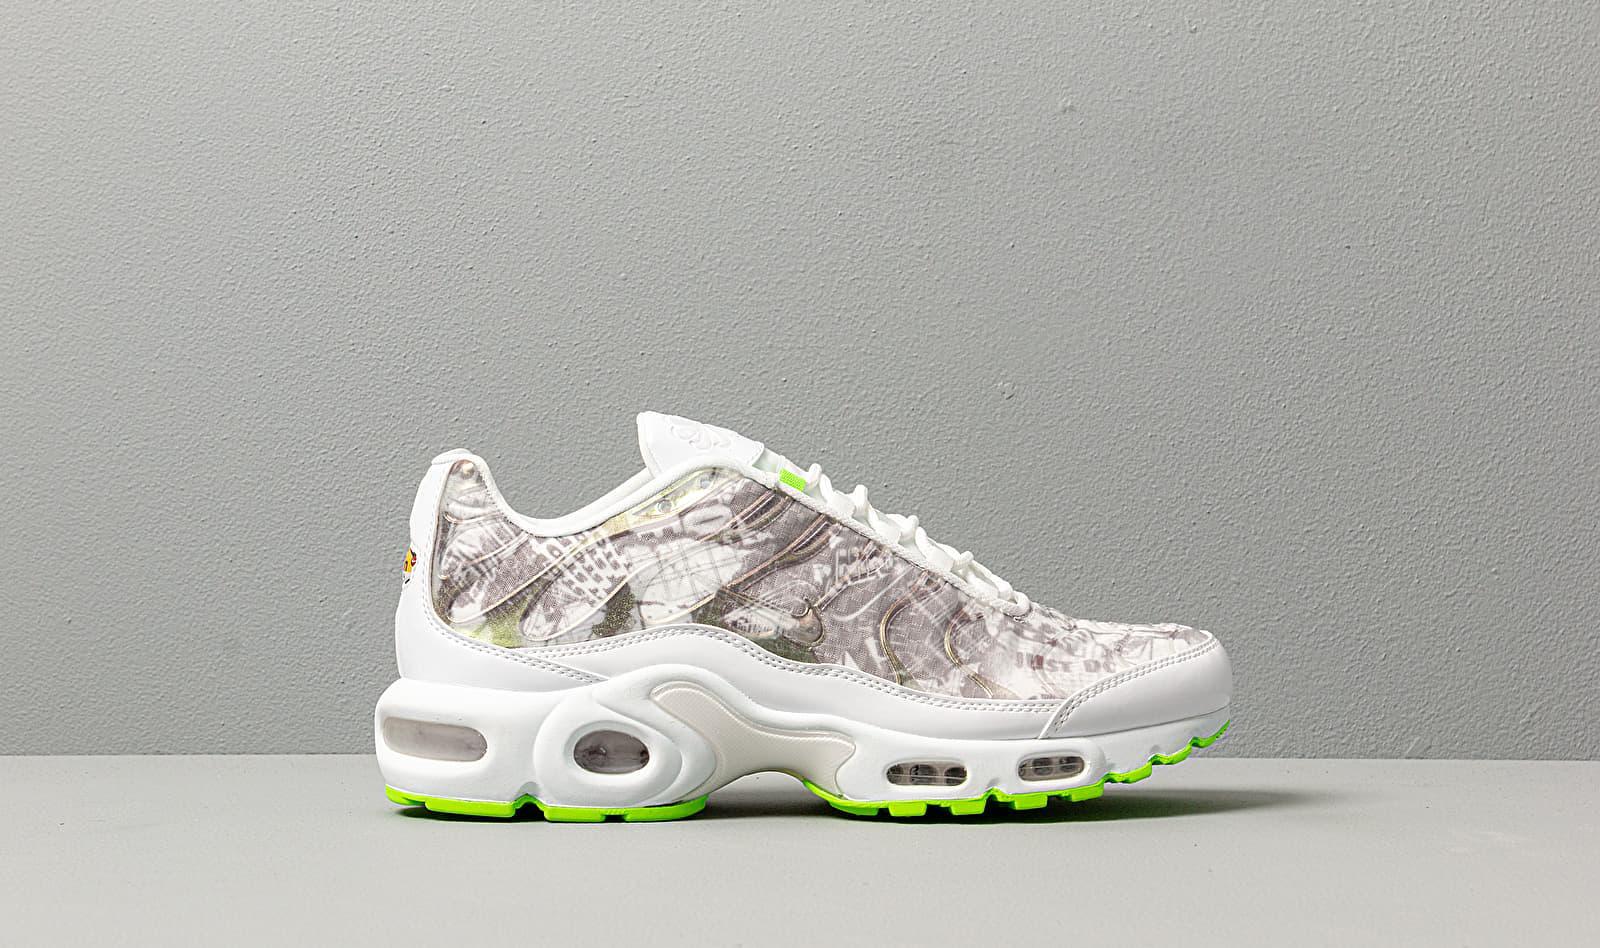 Air Max Plus LX Zapatillas Nike de color Blanco